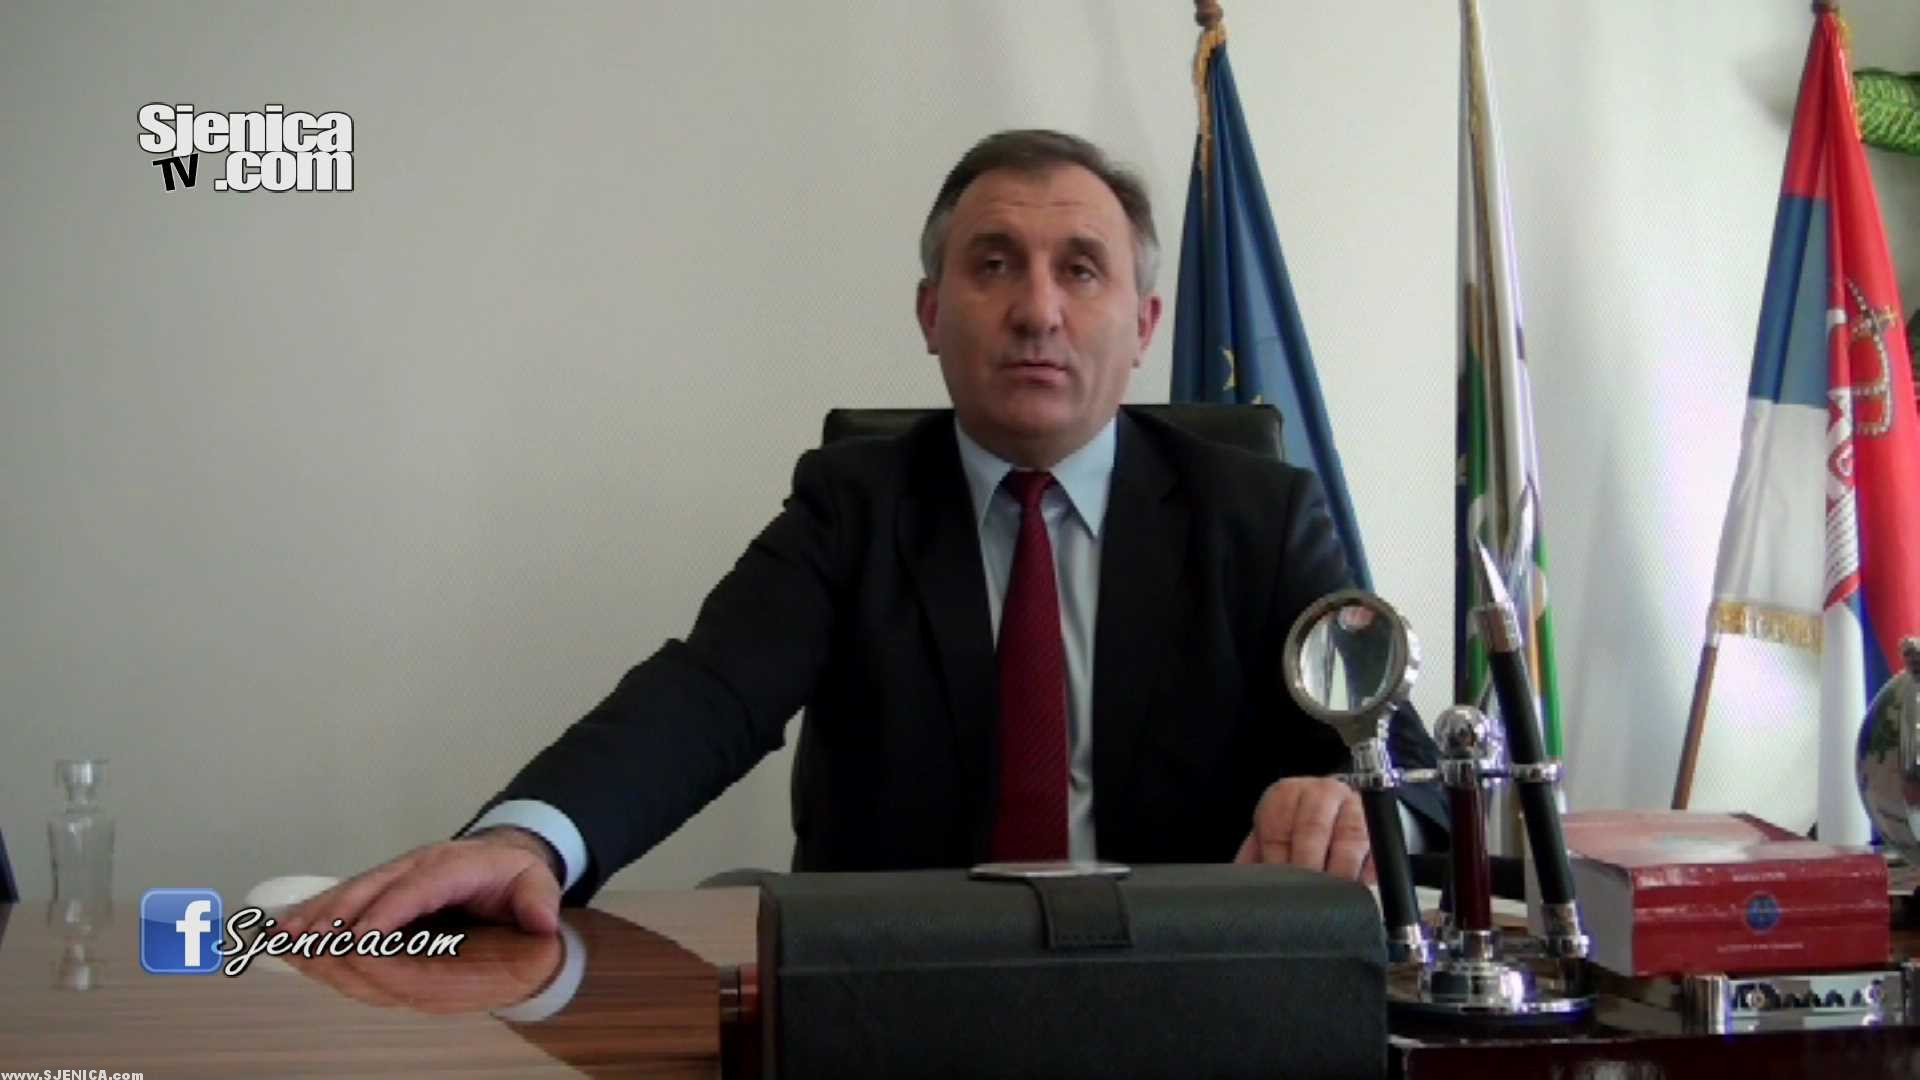 Usvojen budzet za 2016 u Opstini Sjenica - decembar 2015. Hazbo Mujovic - Predsednik Opstine Sjenica